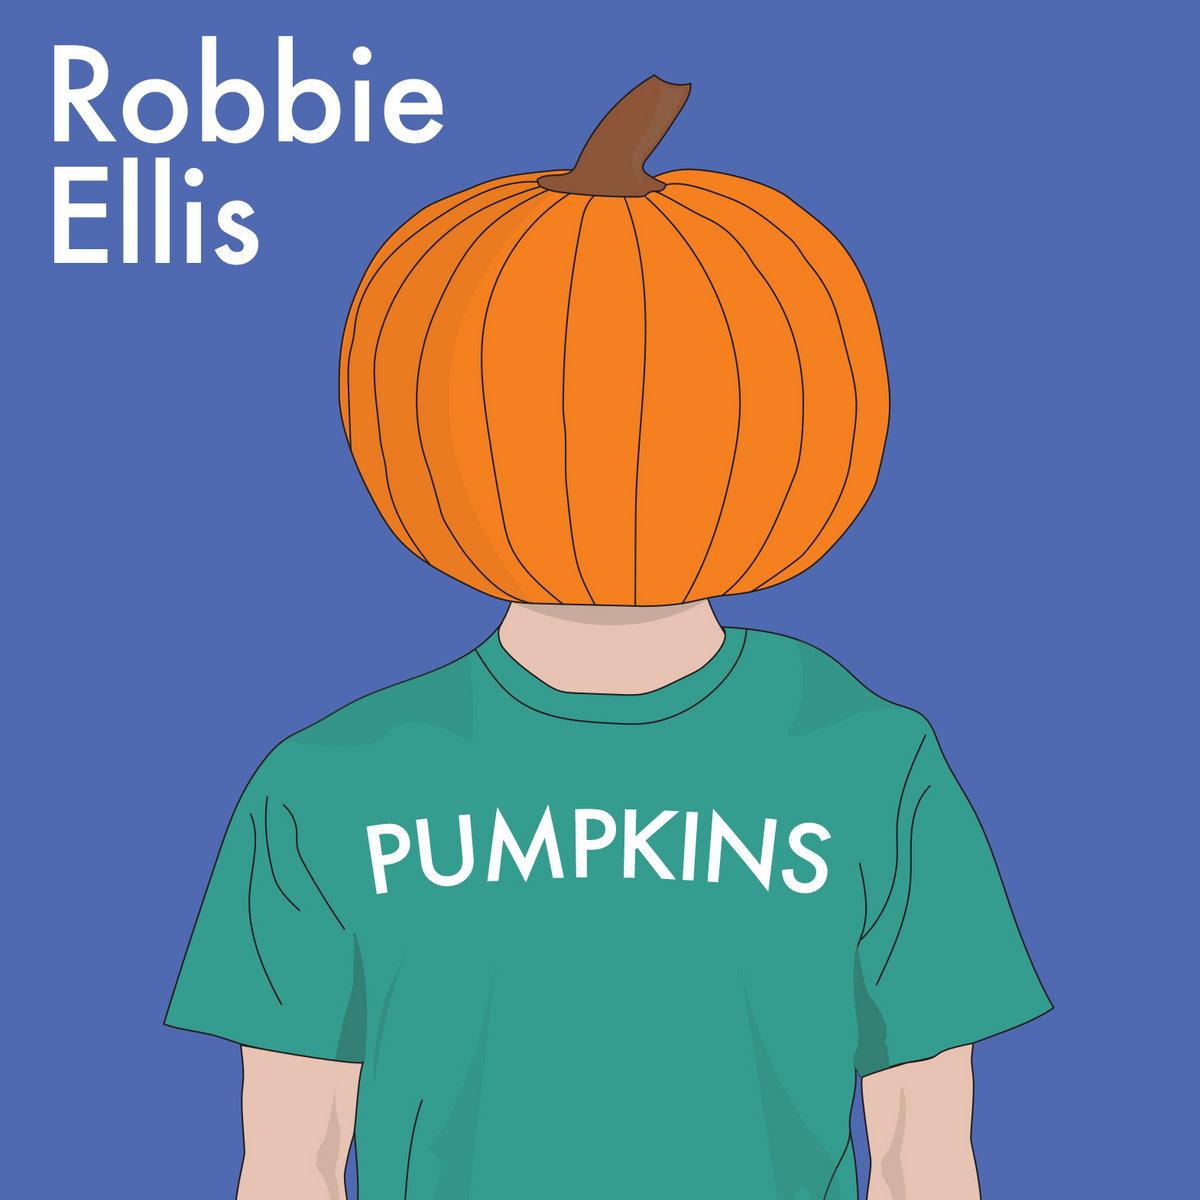 Pumpkins Robbie Ellis